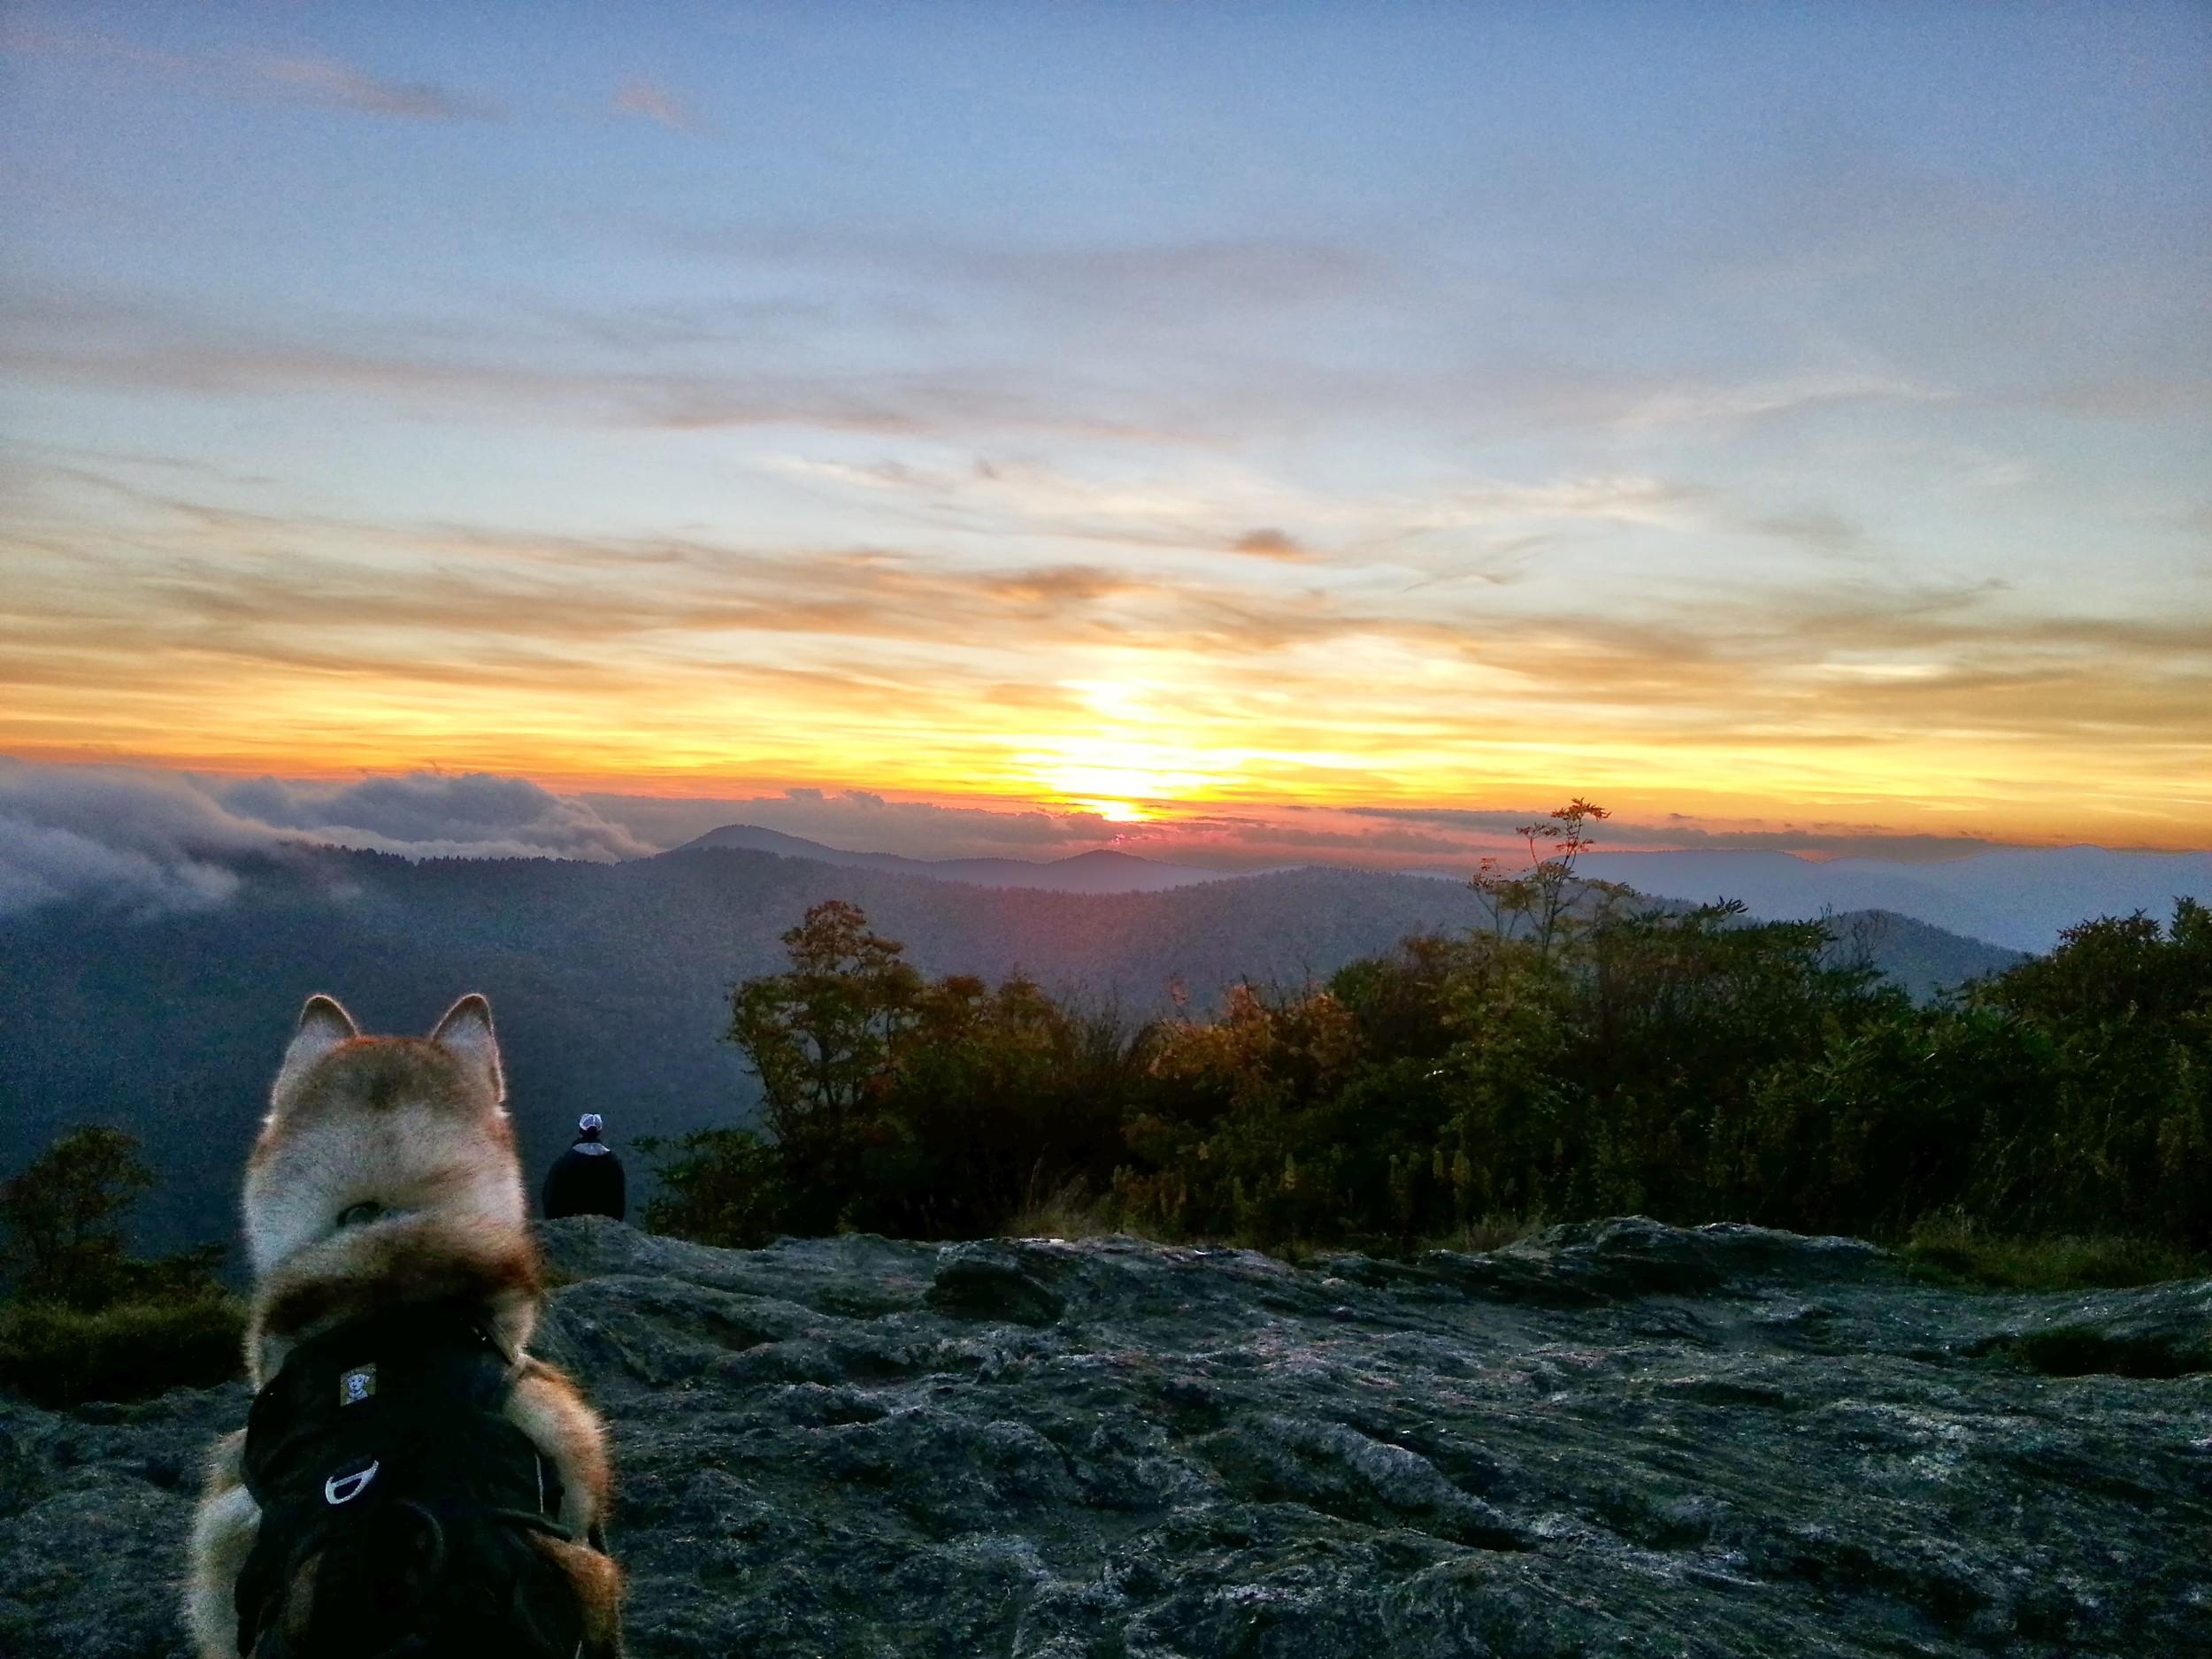 Ryder enjoyed the sunset